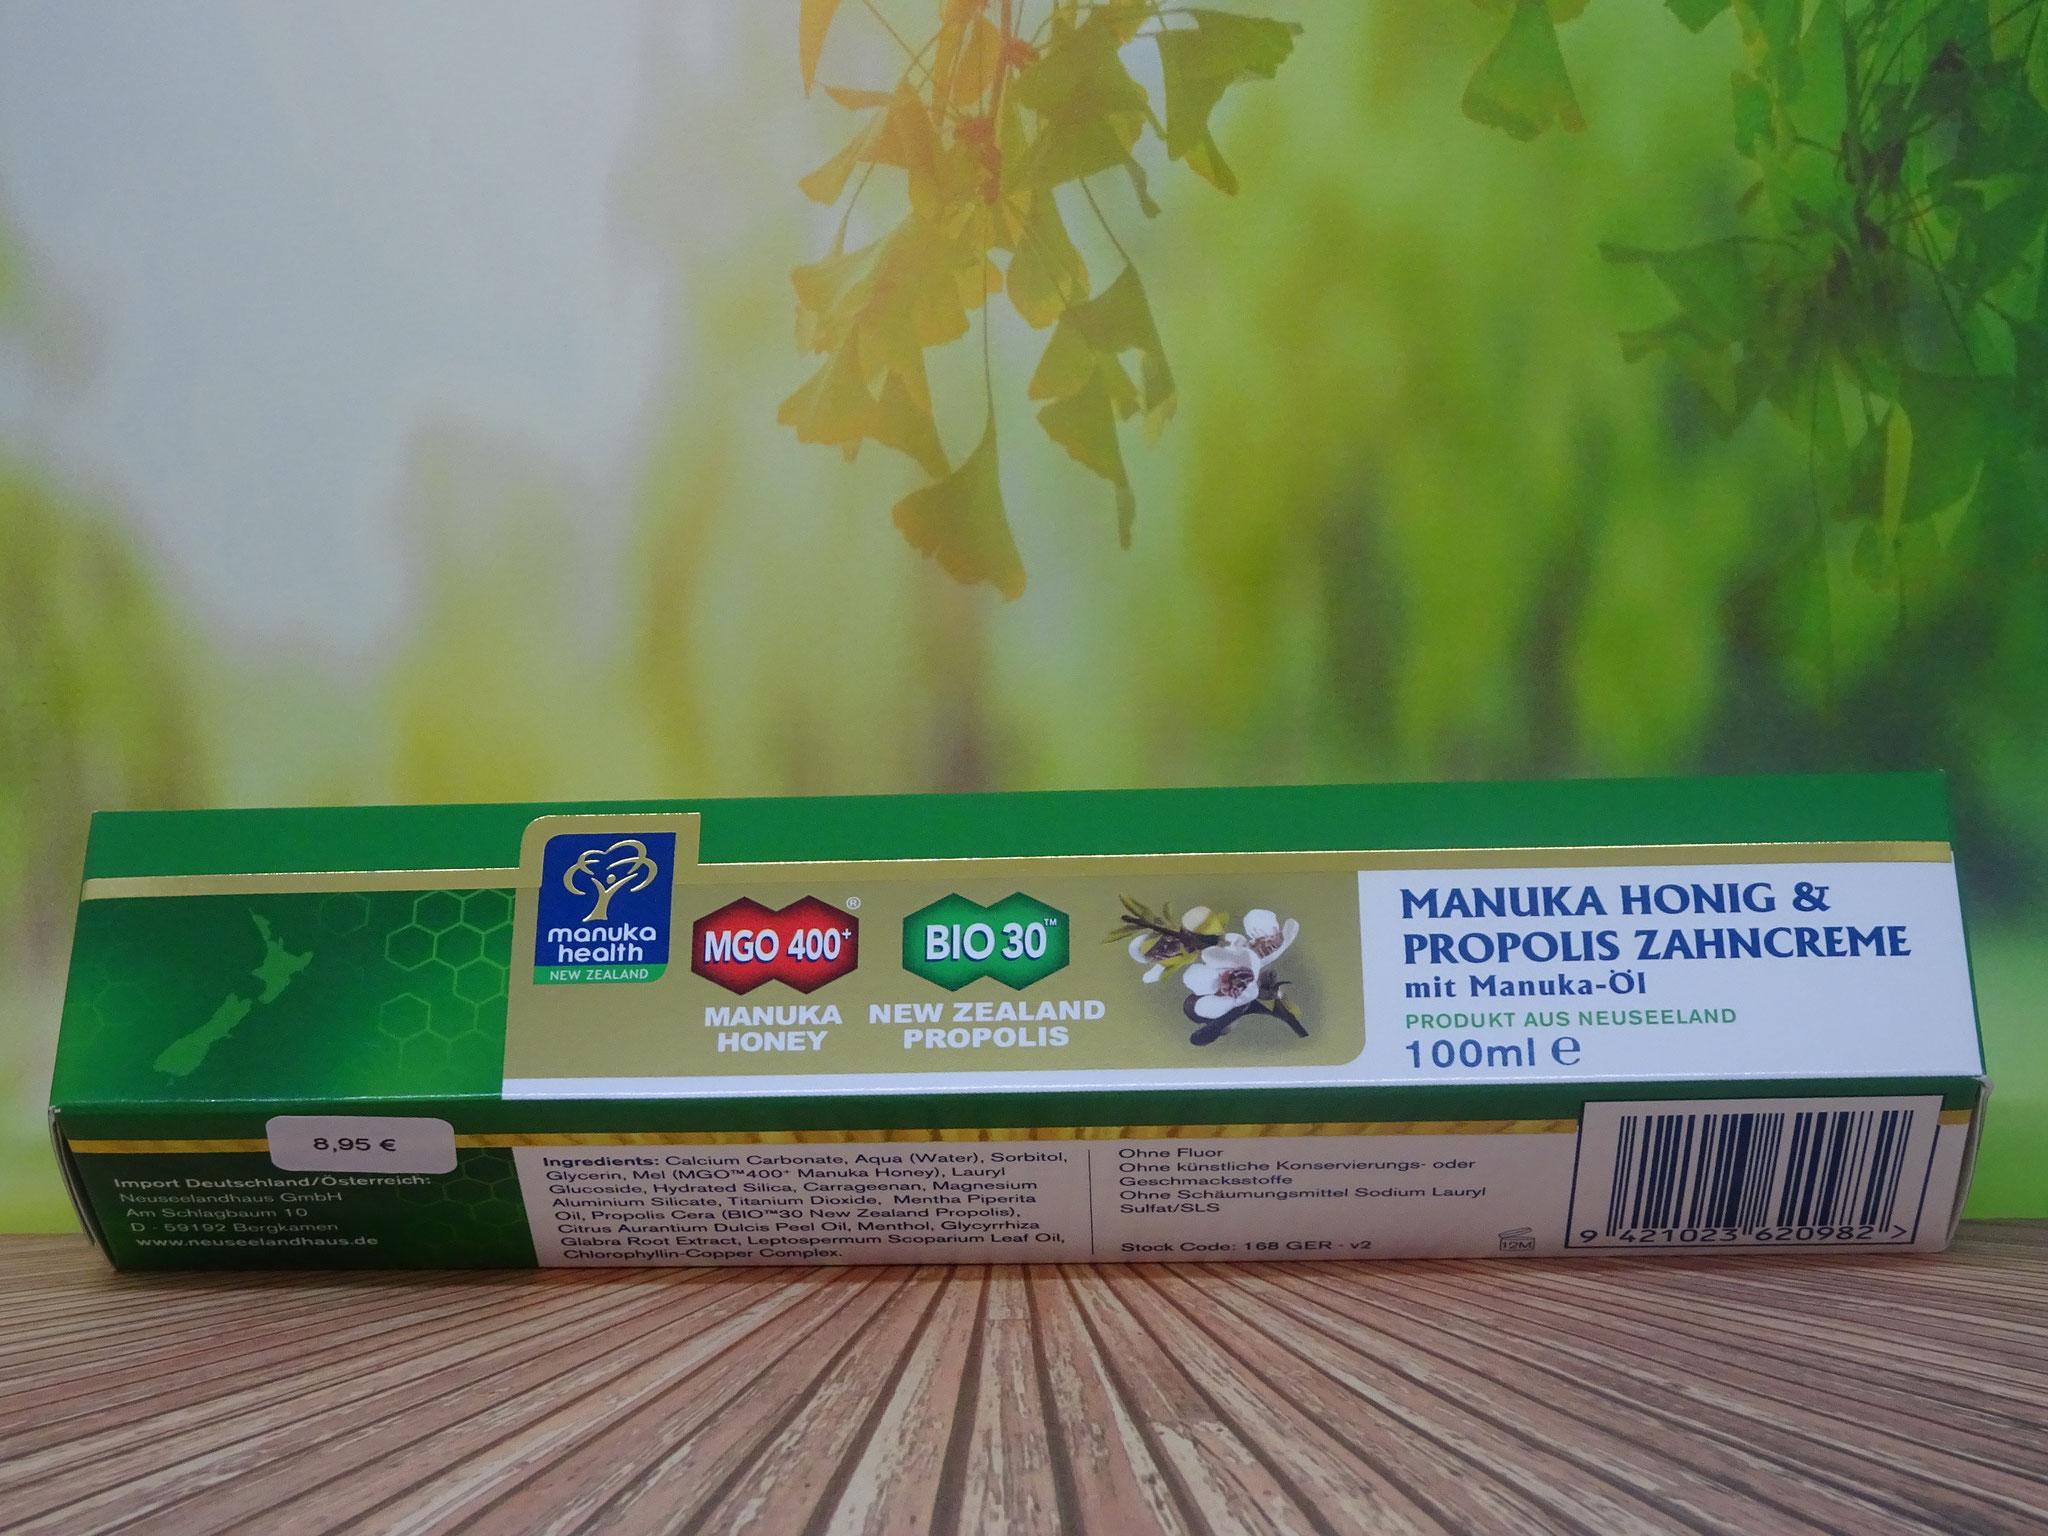 Manuka Honig und Propolis Zahncreme MGO 400 100ml (Manuka Health New Zealand)